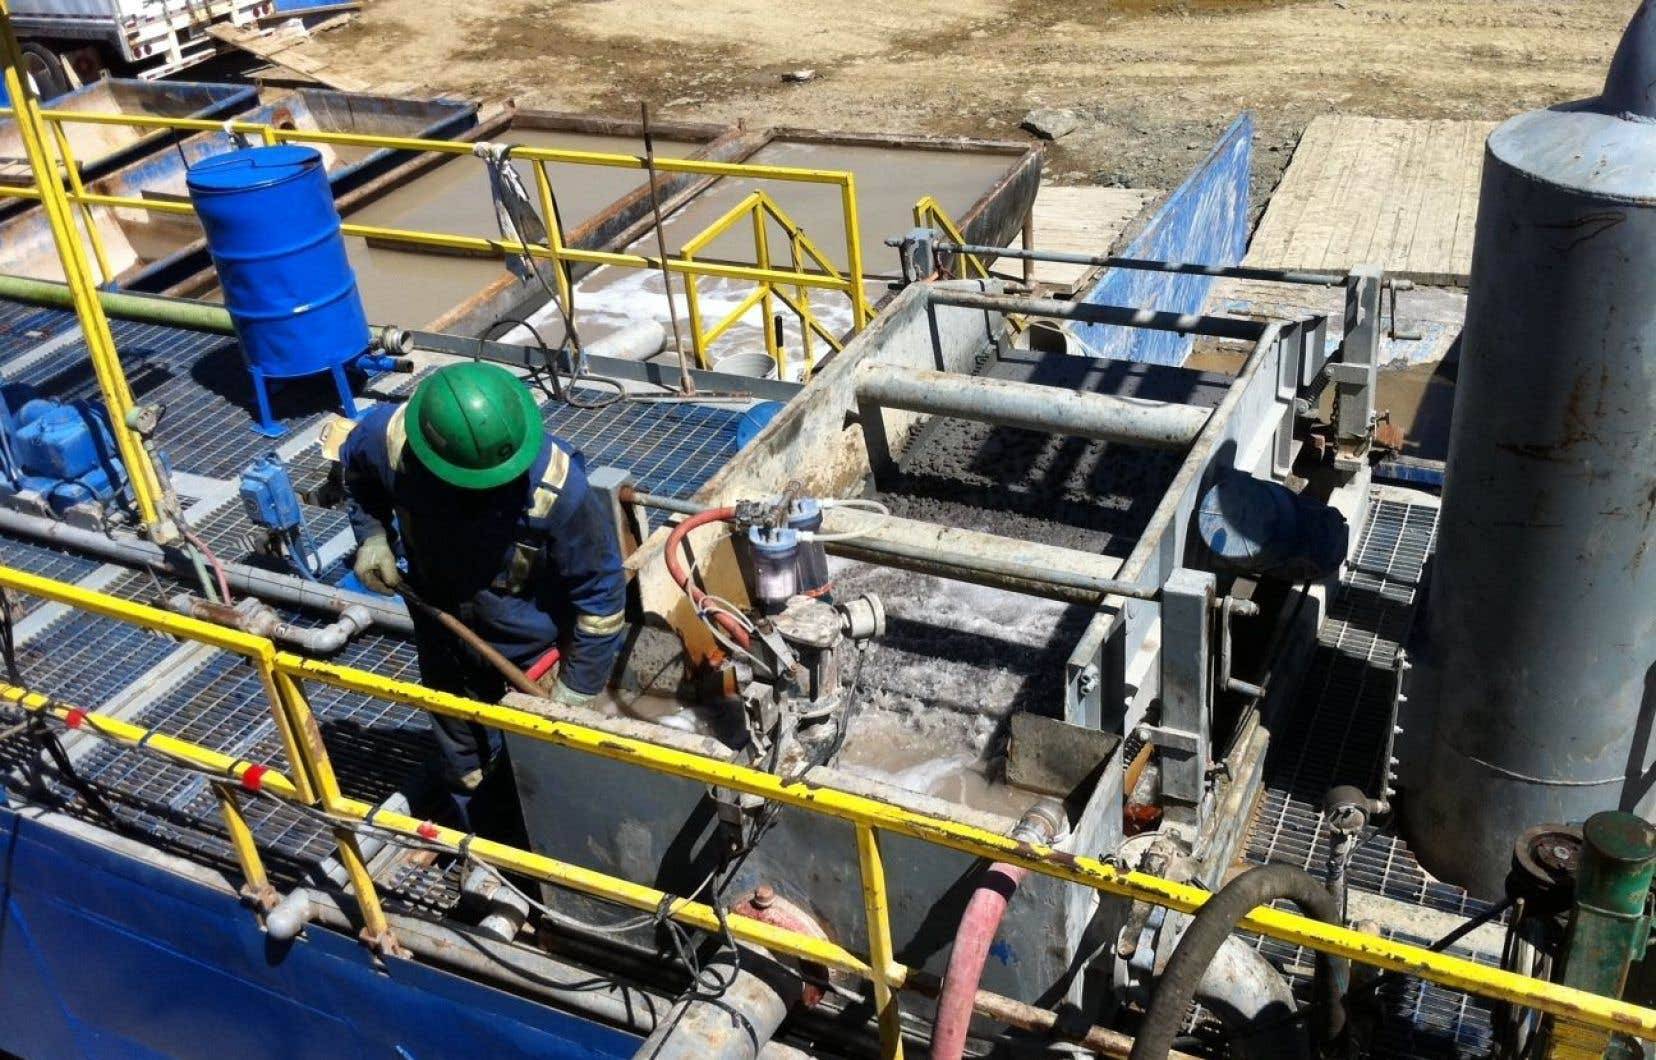 Le principal actif de Junex est le projet pétrolier Galt, situé à 20 km de Gaspé. L'entreprise a fait faire une estimation des réserves, lesquelles seraient de 557millions de barils de pétrole, selon Netherland, Sewell Associates.